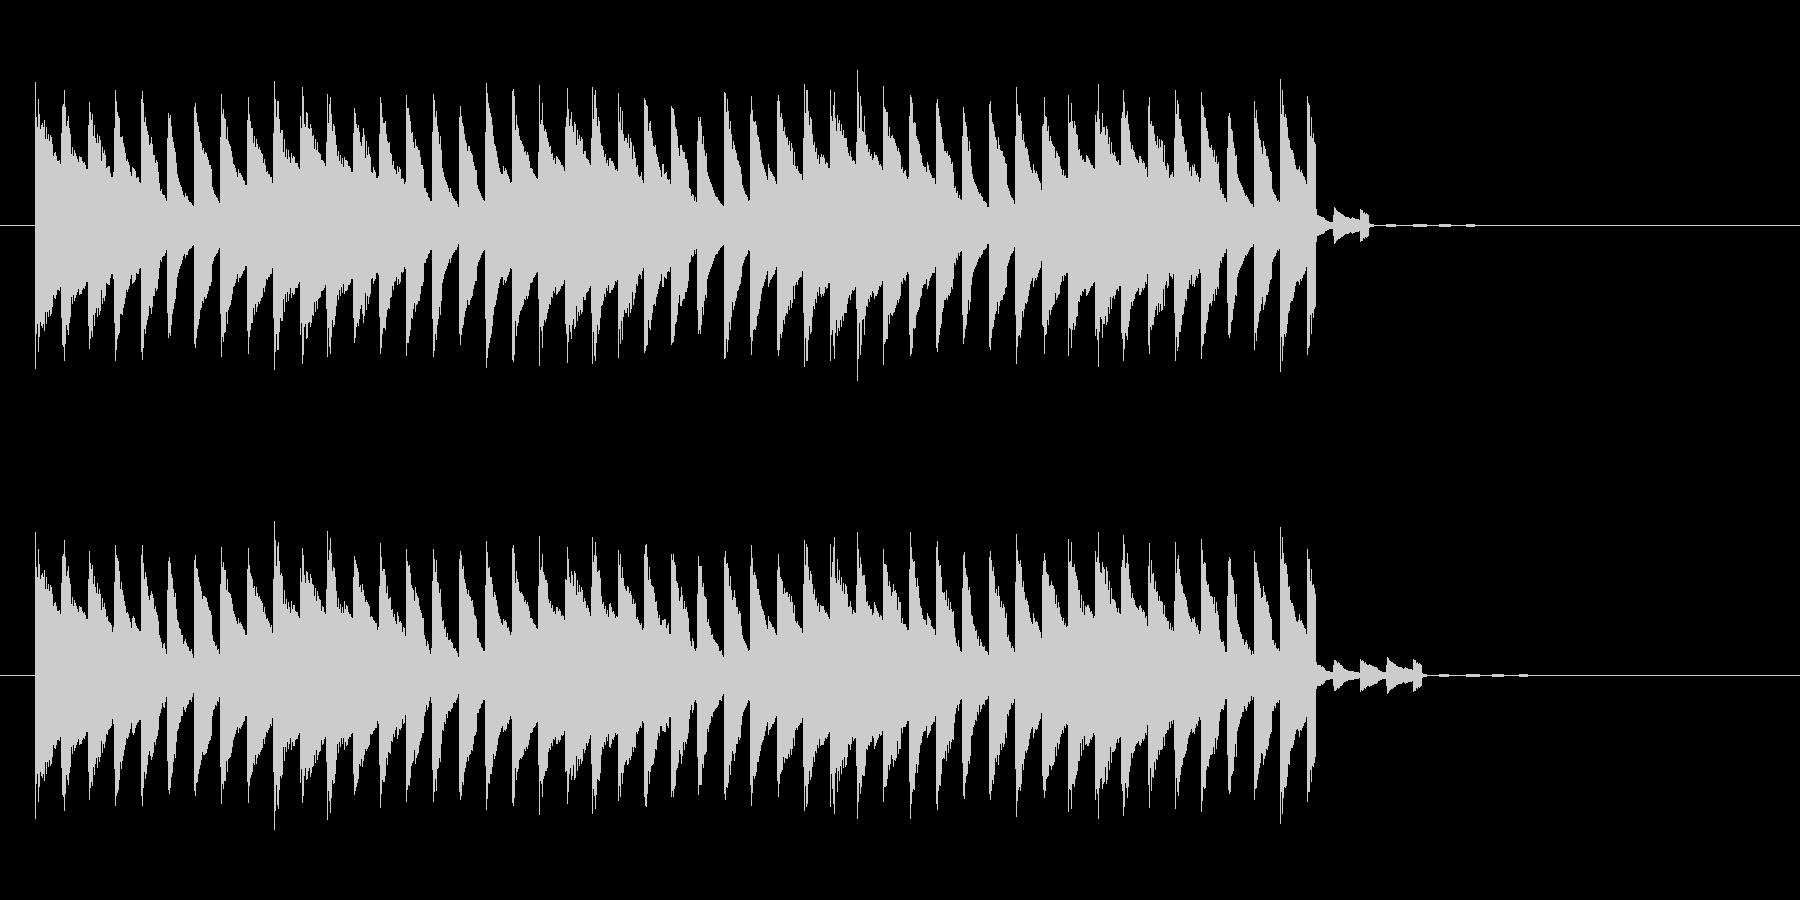 電子的警報音ですの未再生の波形